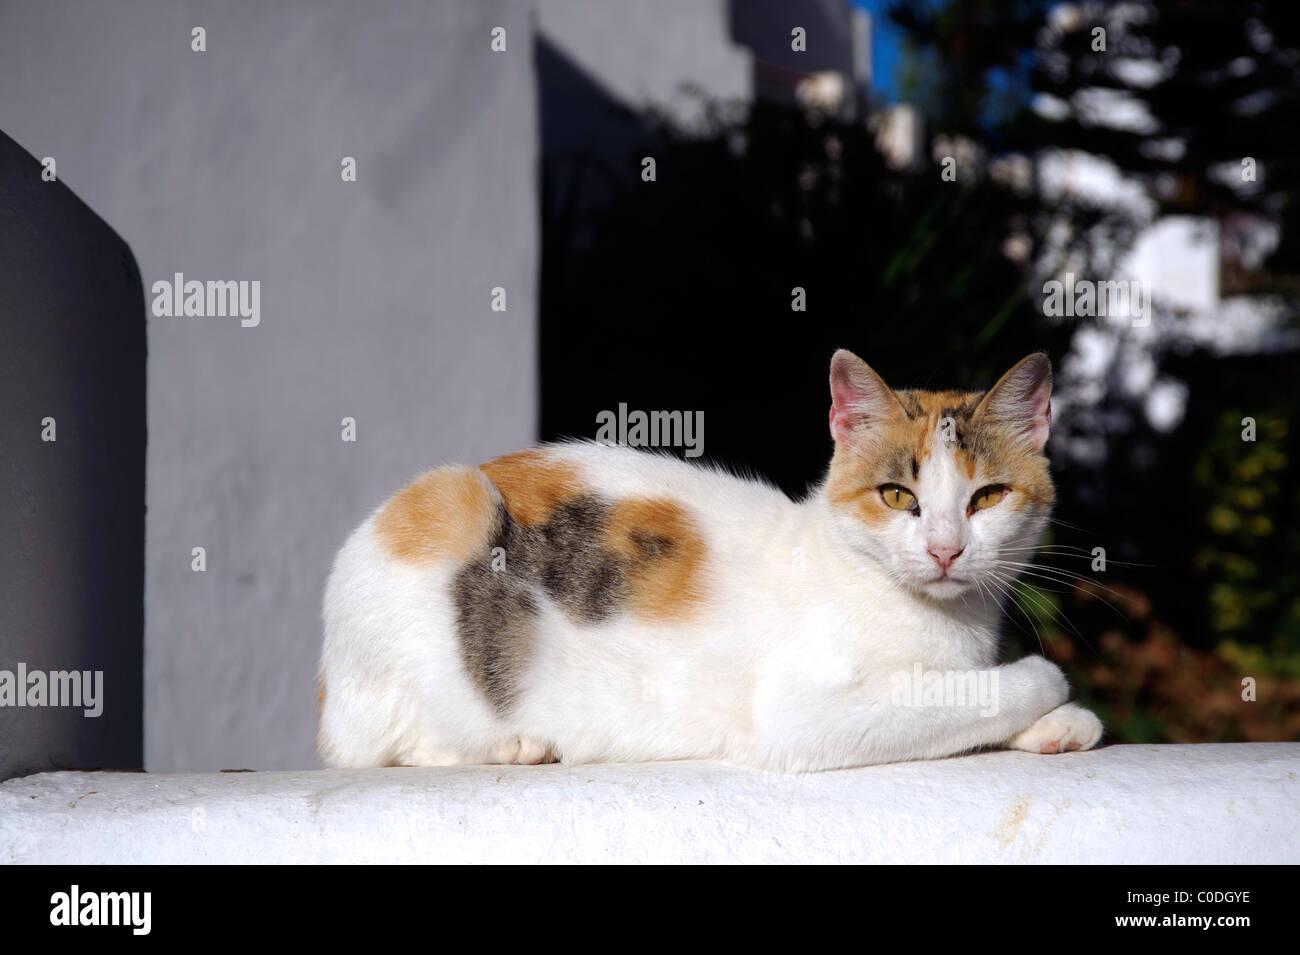 El tricolor nacional gato blanco acostado sobre una pared de adobe. Imagen De Stock